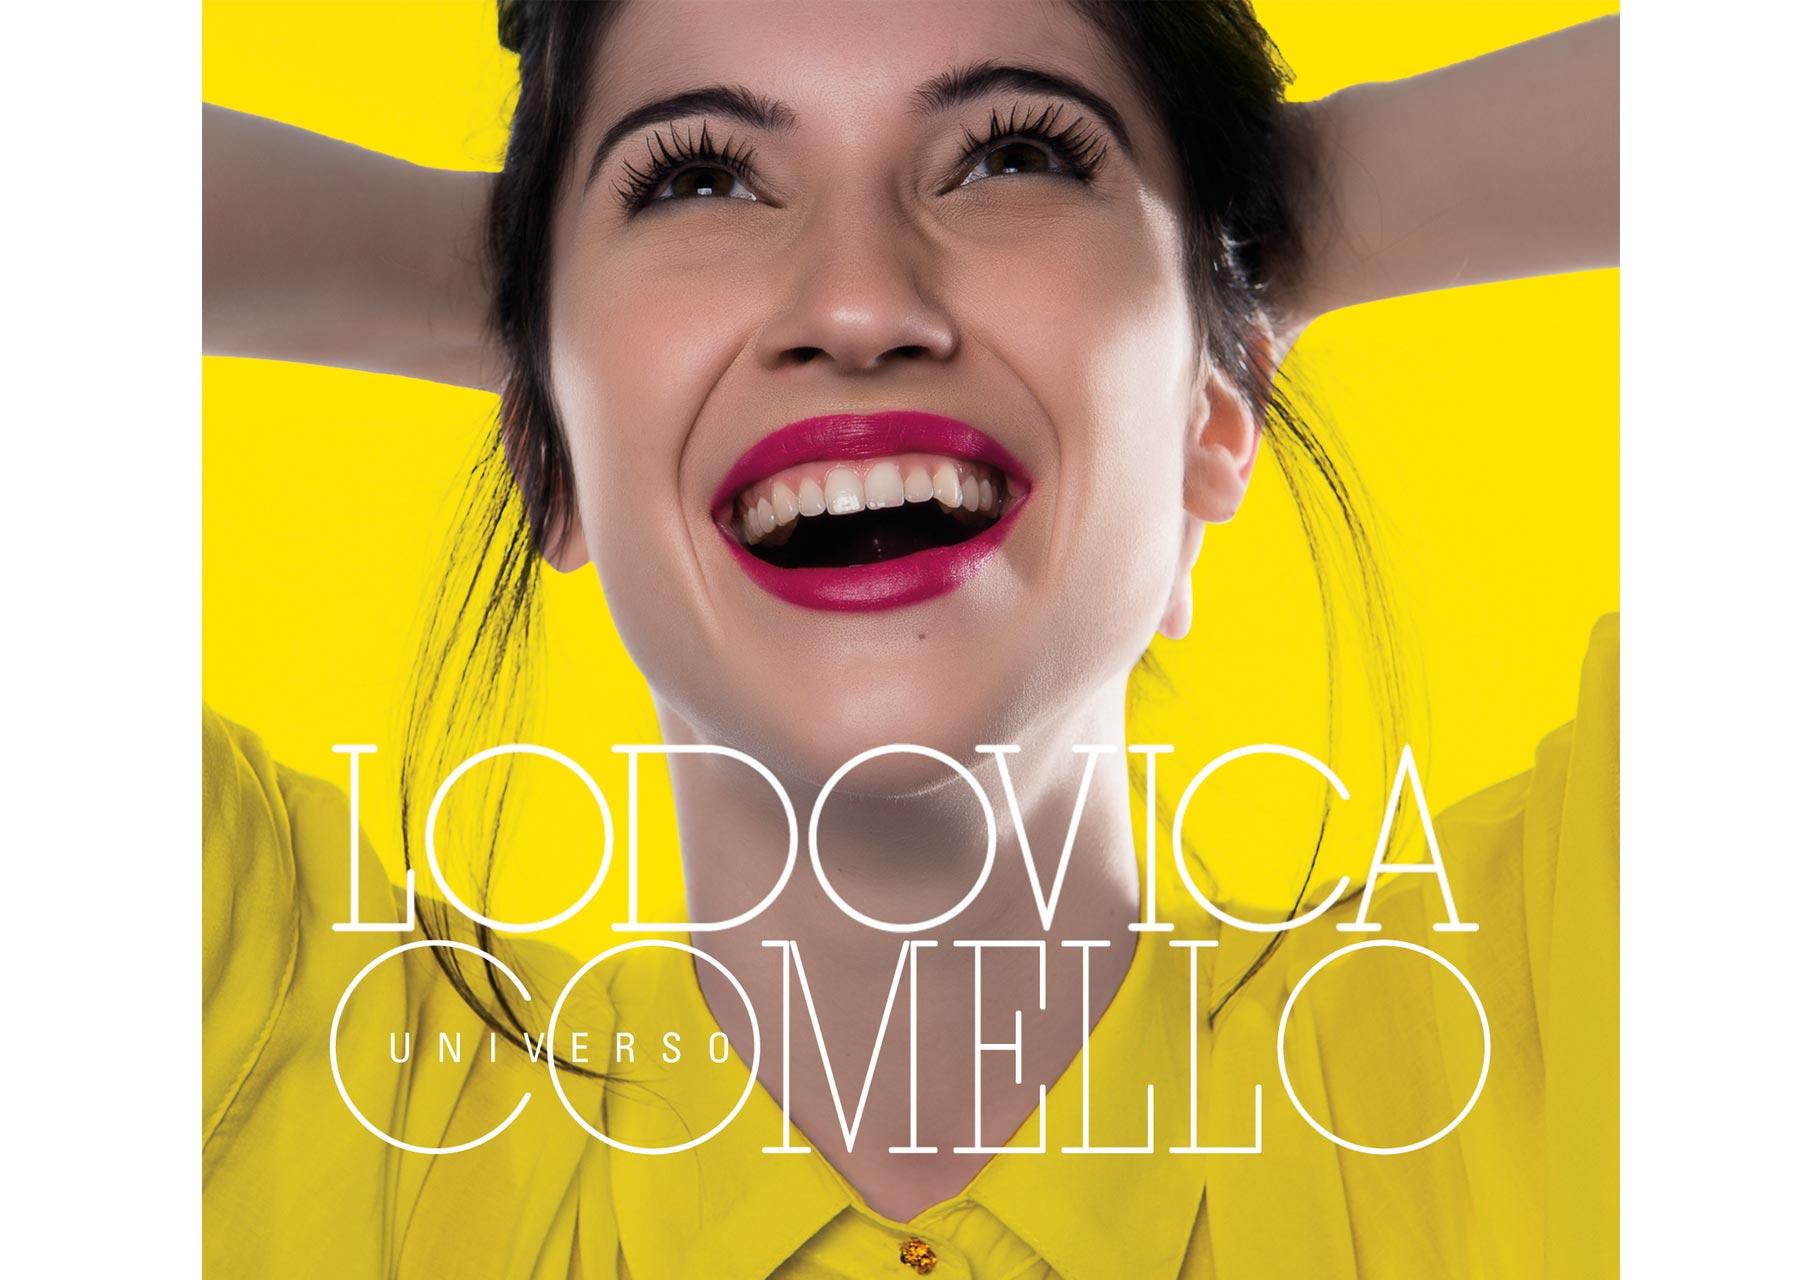 Lodovica Comello Cover